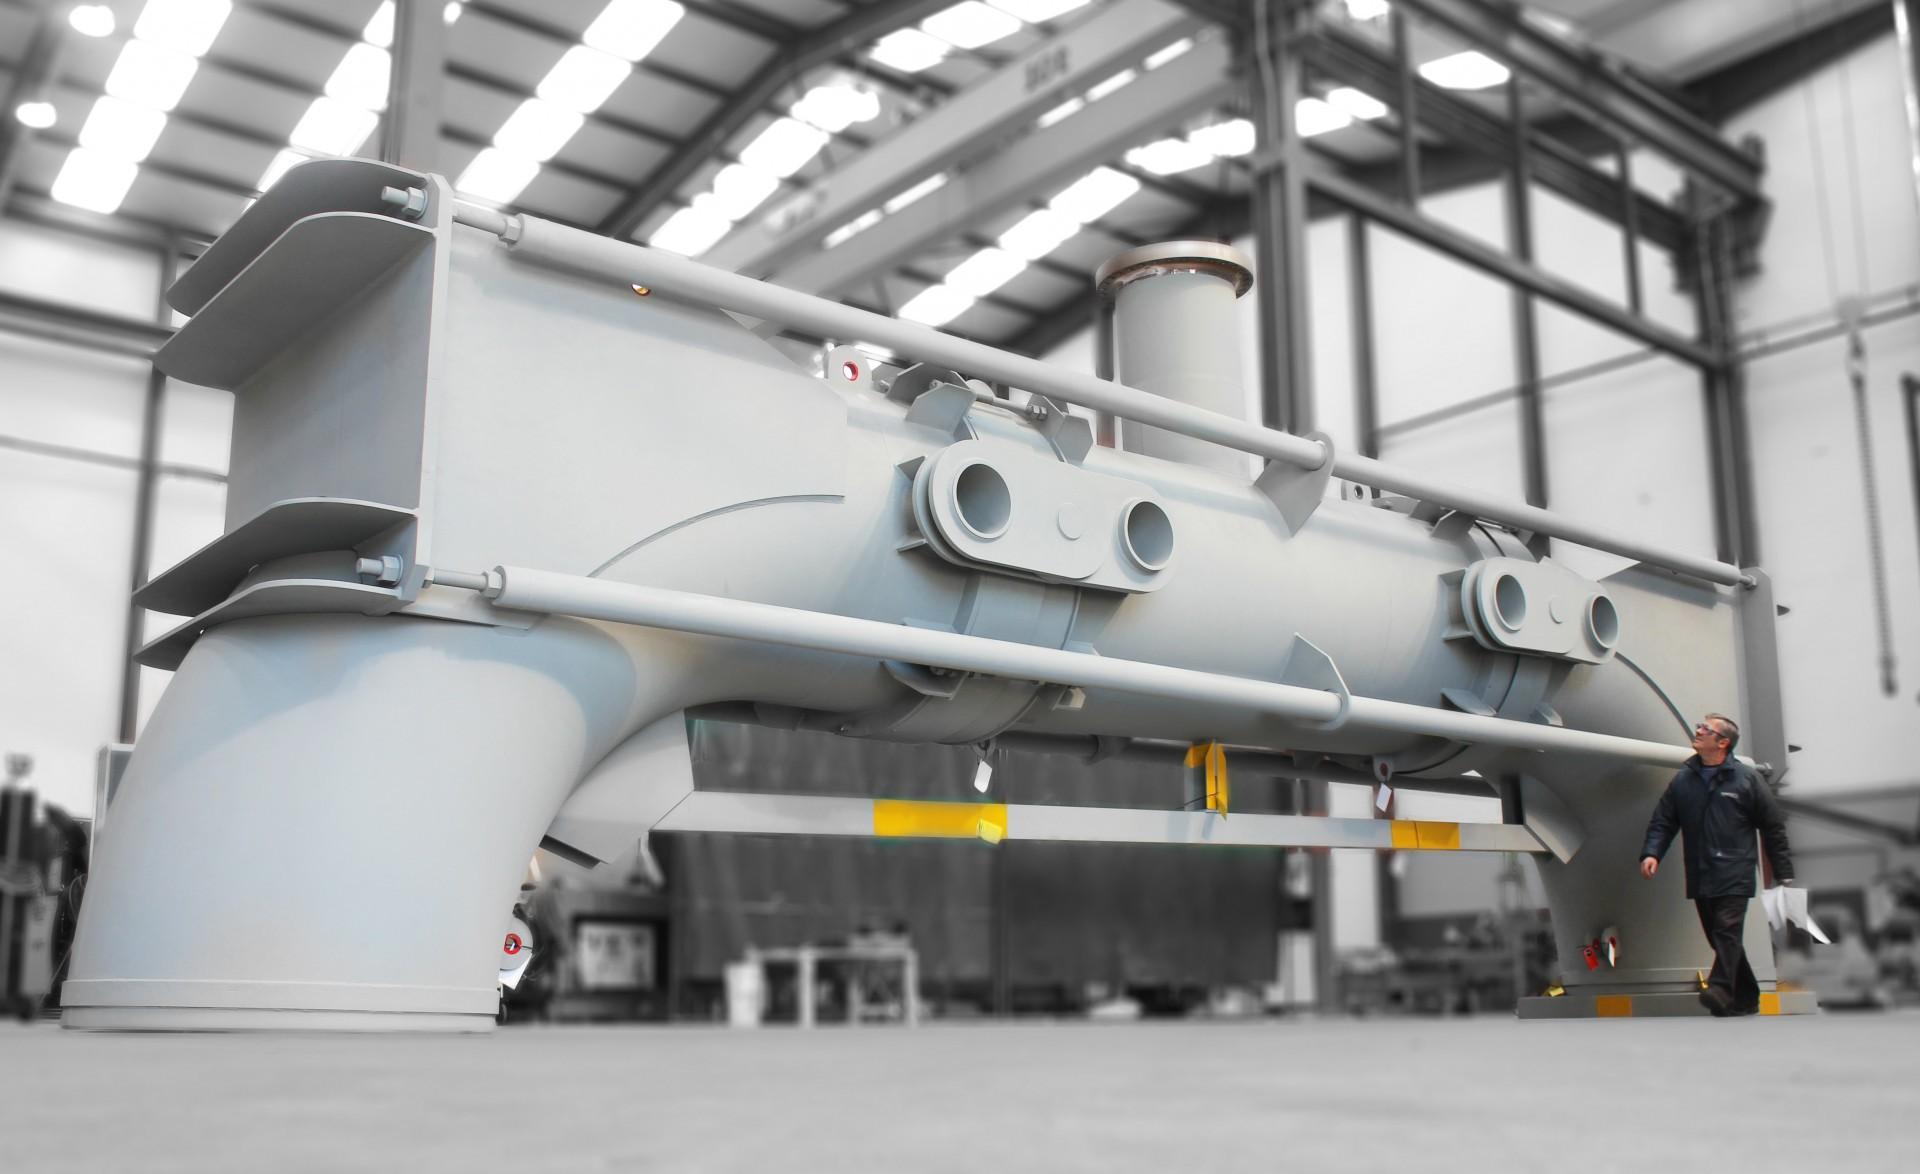 Junta de expansión FCCU Regenerator Overhead Flue Gas